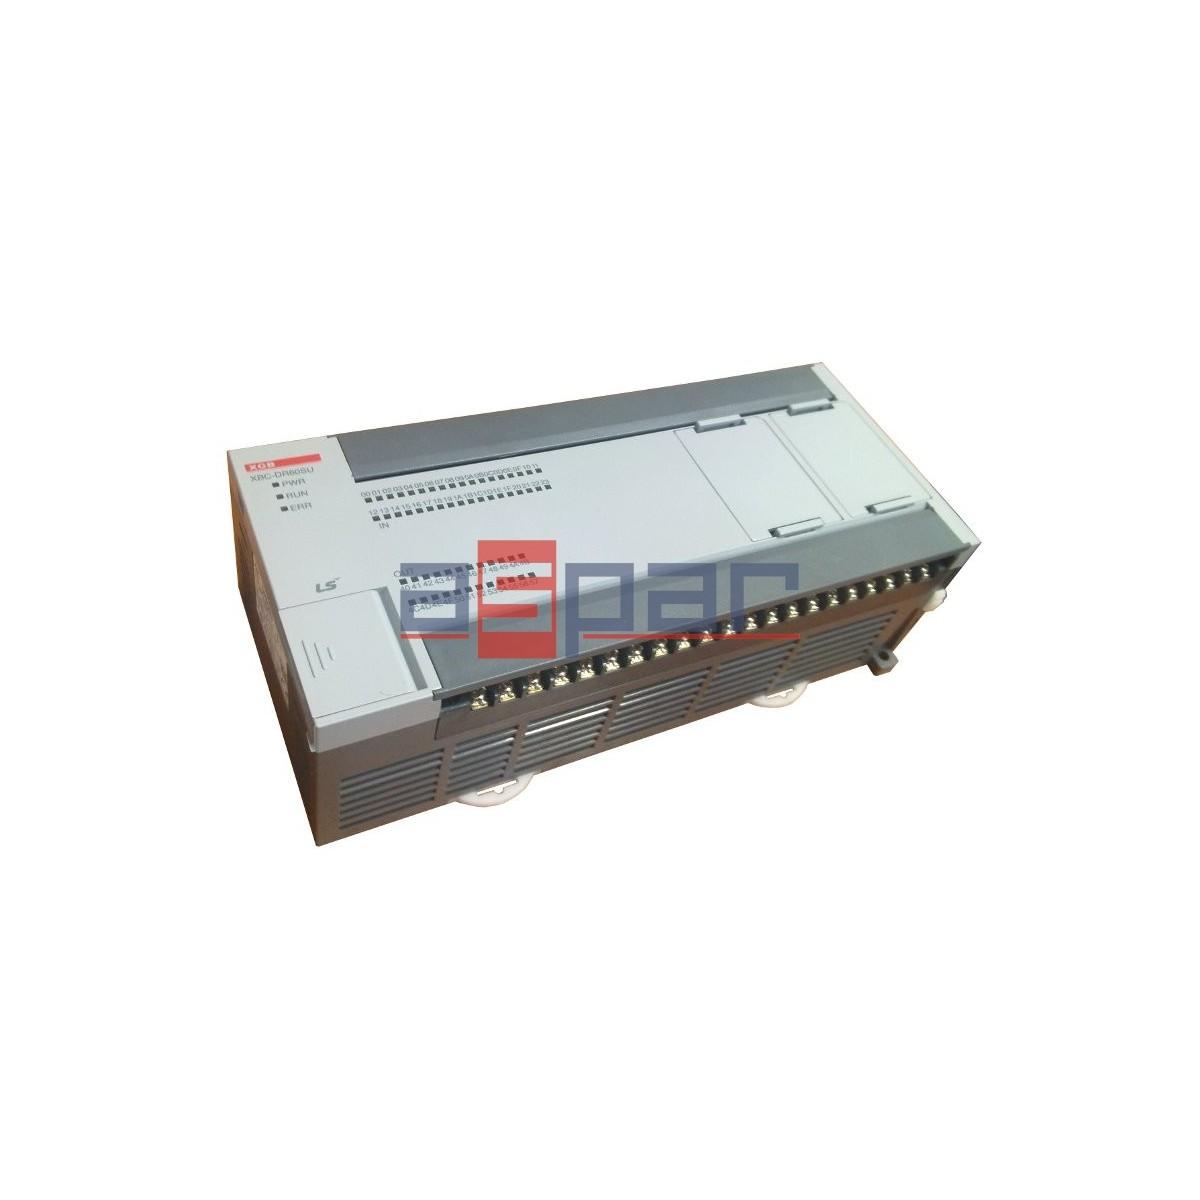 XBC-DR60SU - CPU 36 I/24 O relay